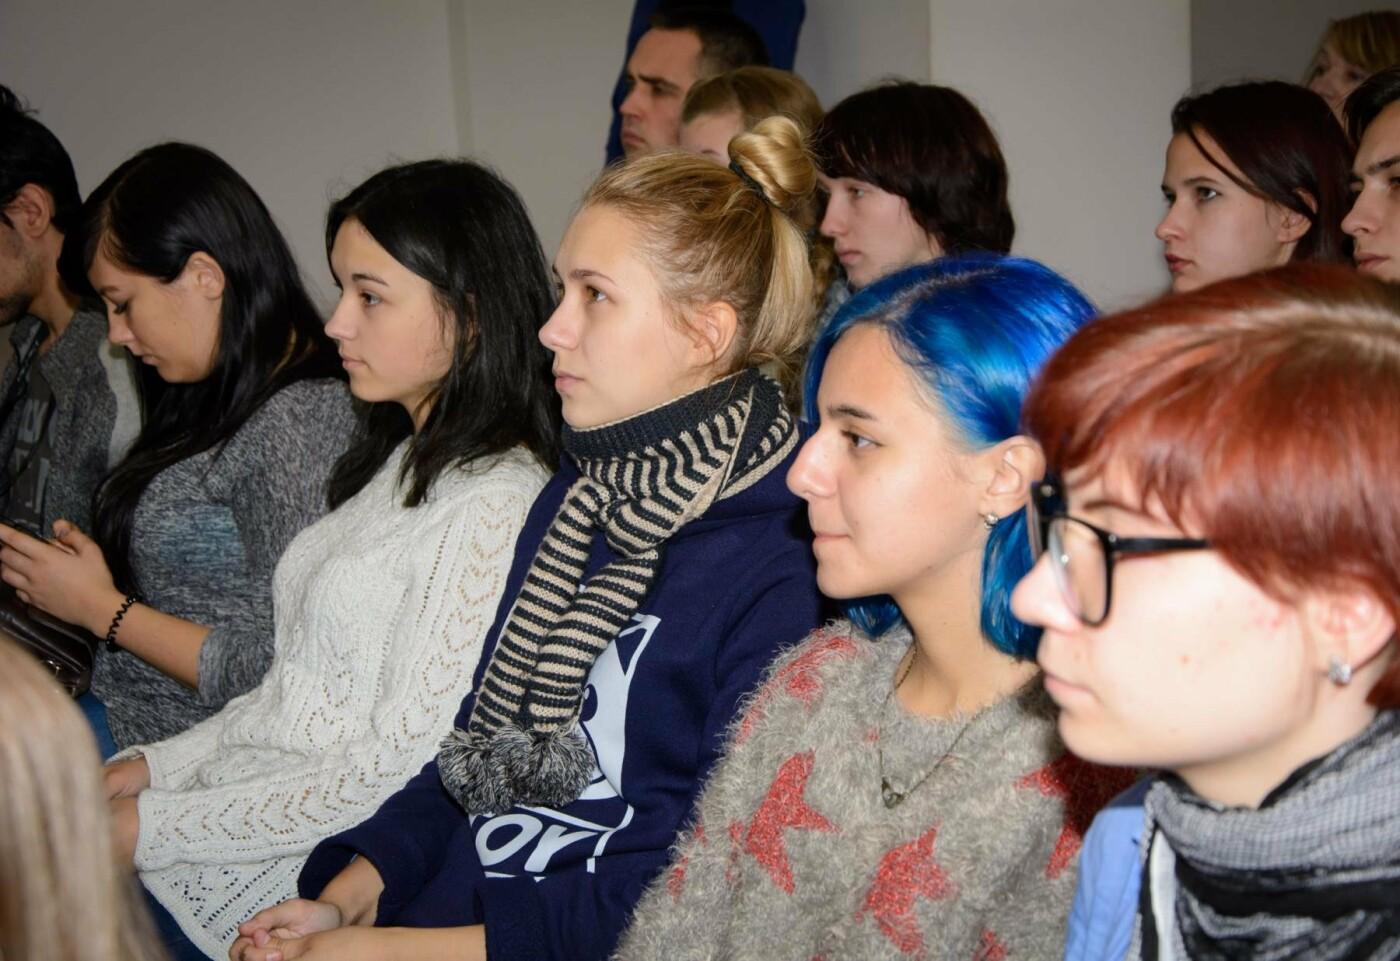 Открыт престижный конкурс «Архитектор 2018» для талантливых украинских студентов, фото-5